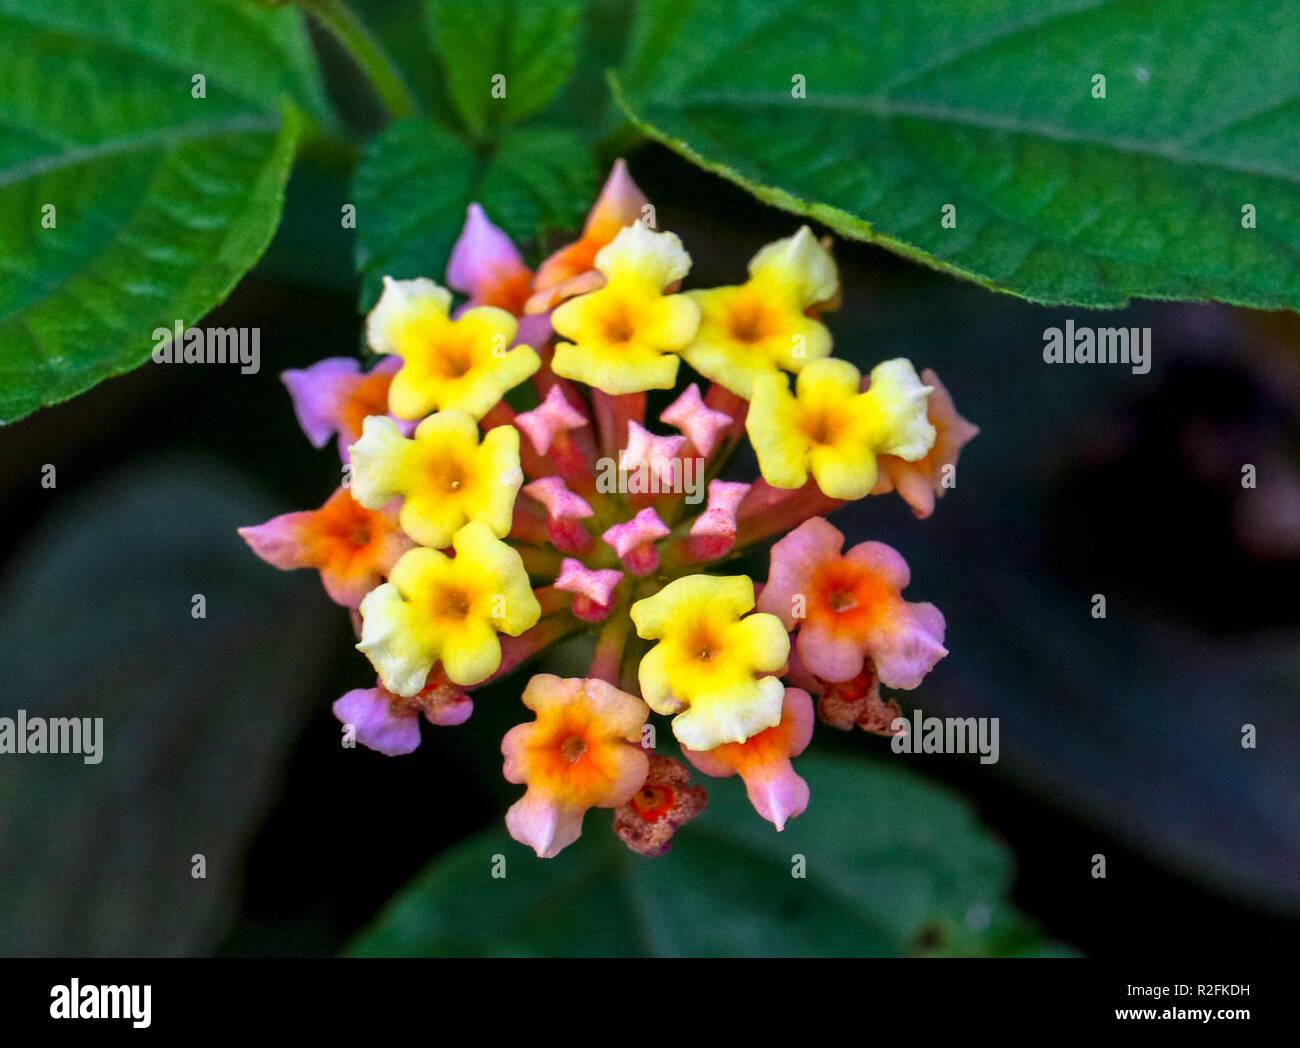 Blumen für Grußkarte. Natürlich gewachsenen Blumen im Garten Stockbild